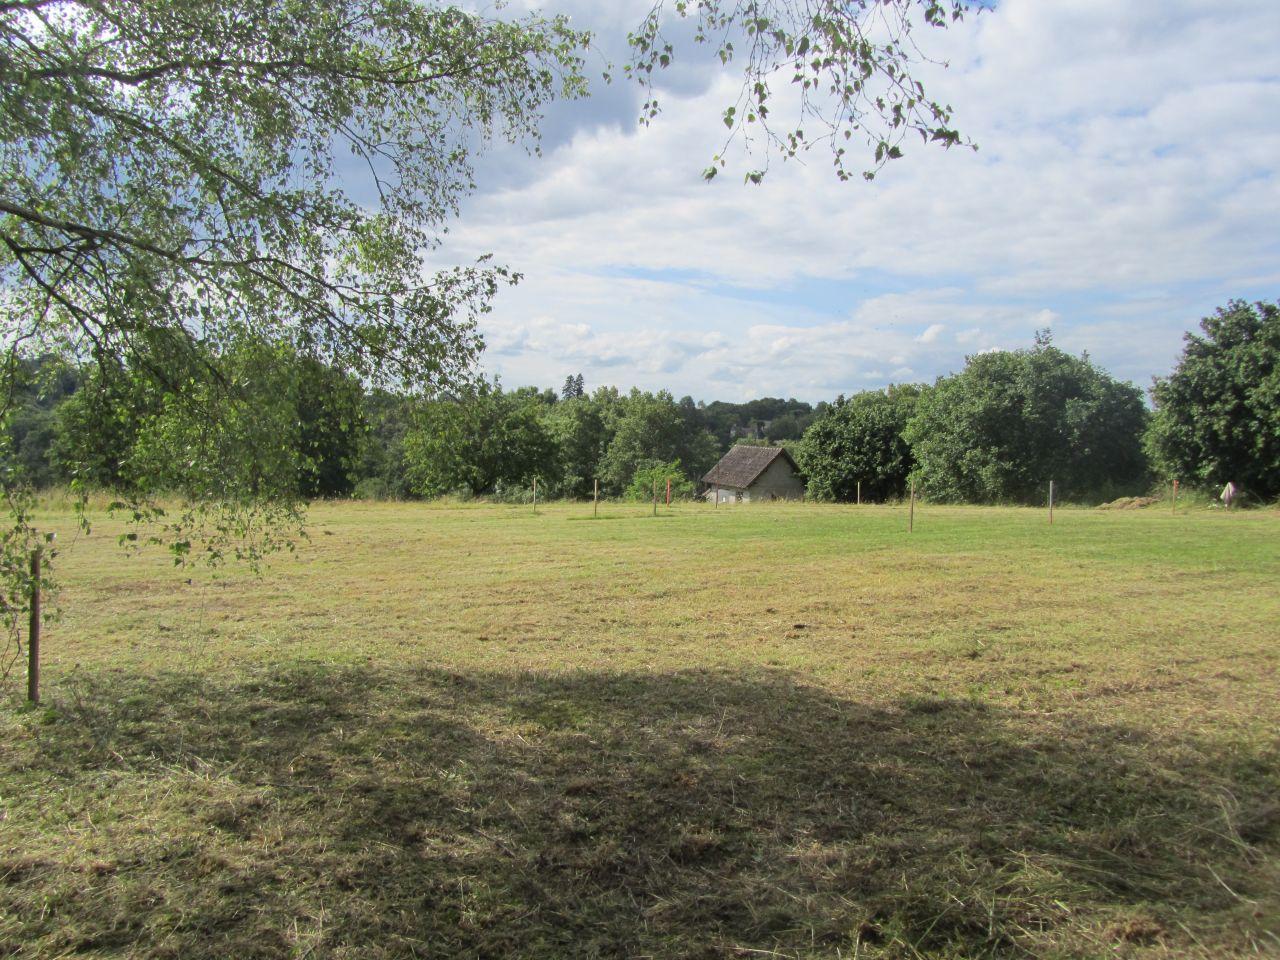 Terrain après implantation et avant terrassement.